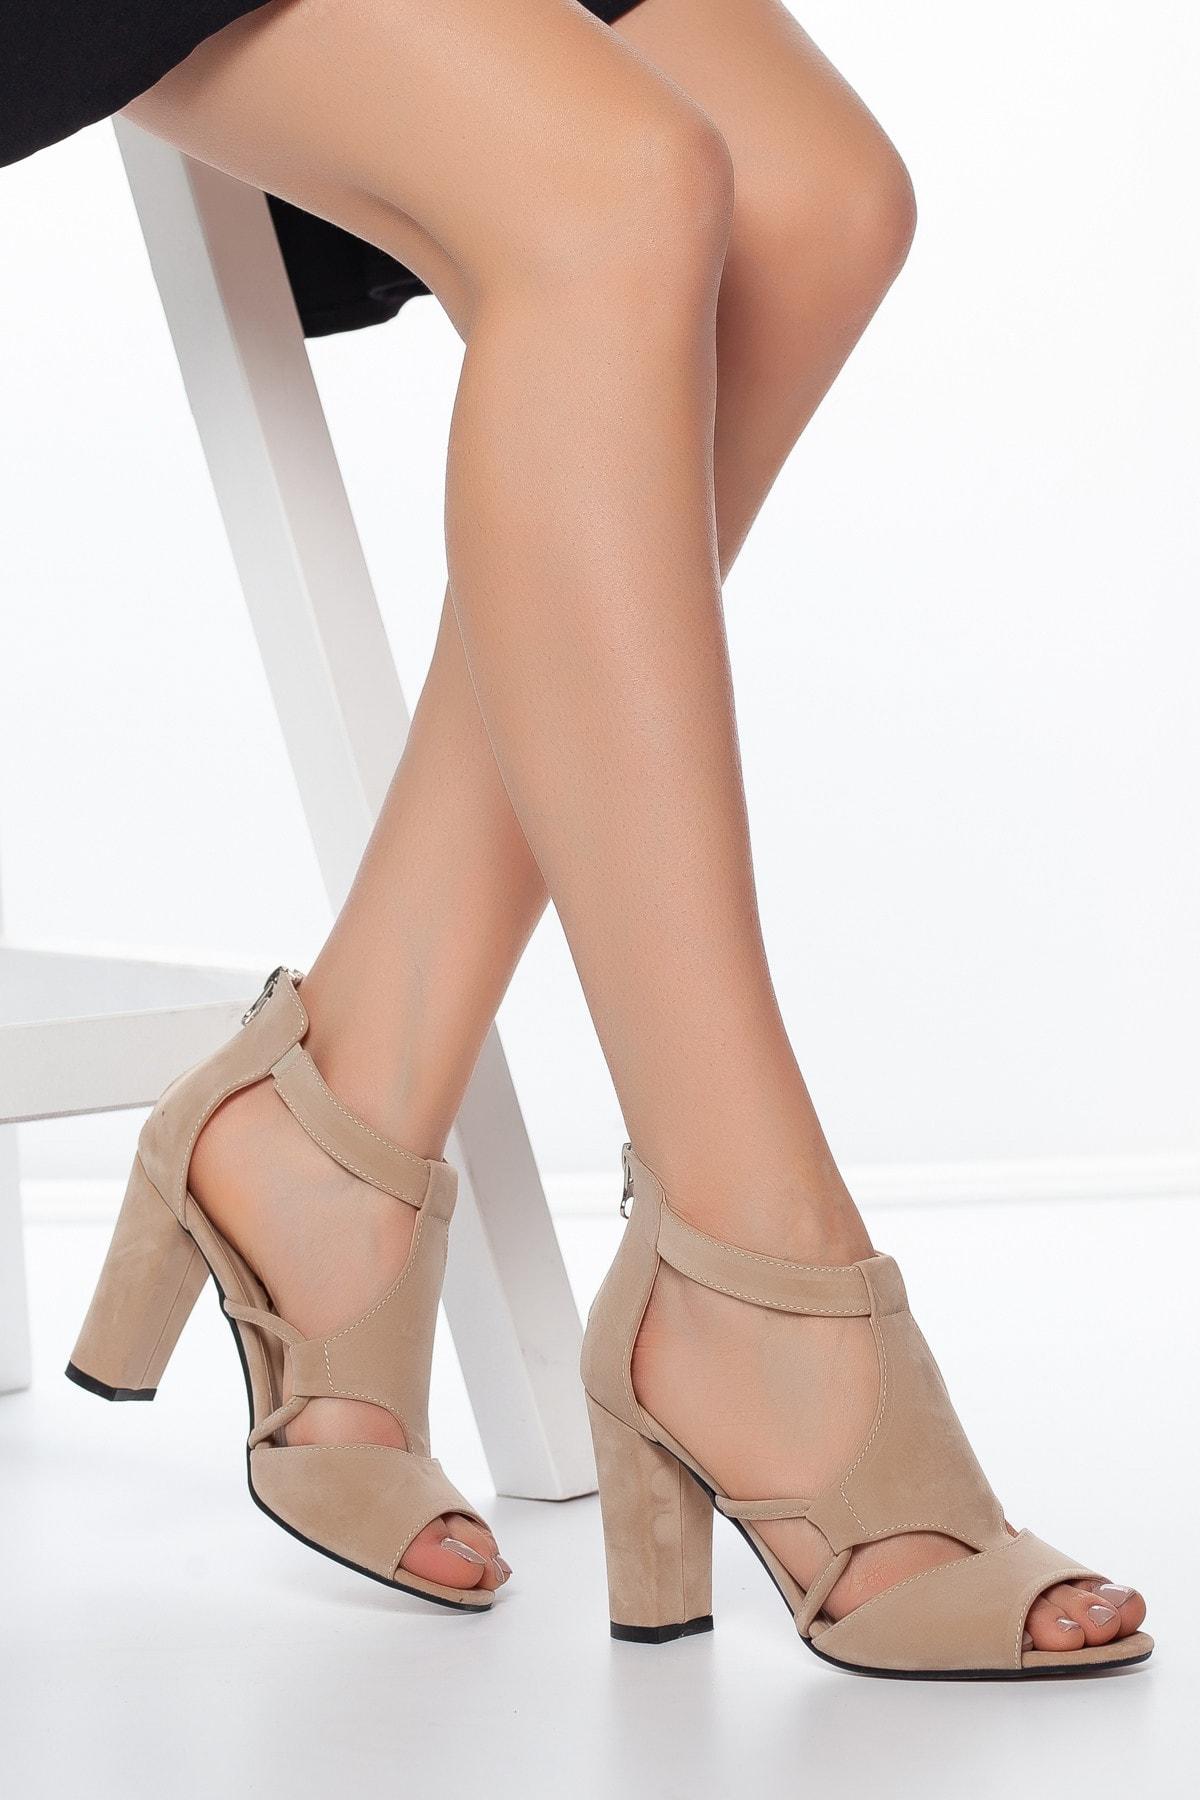 Daxtors Pudra-Süet Kadın Ayakkabı DXTRSAYŞĞ001 1